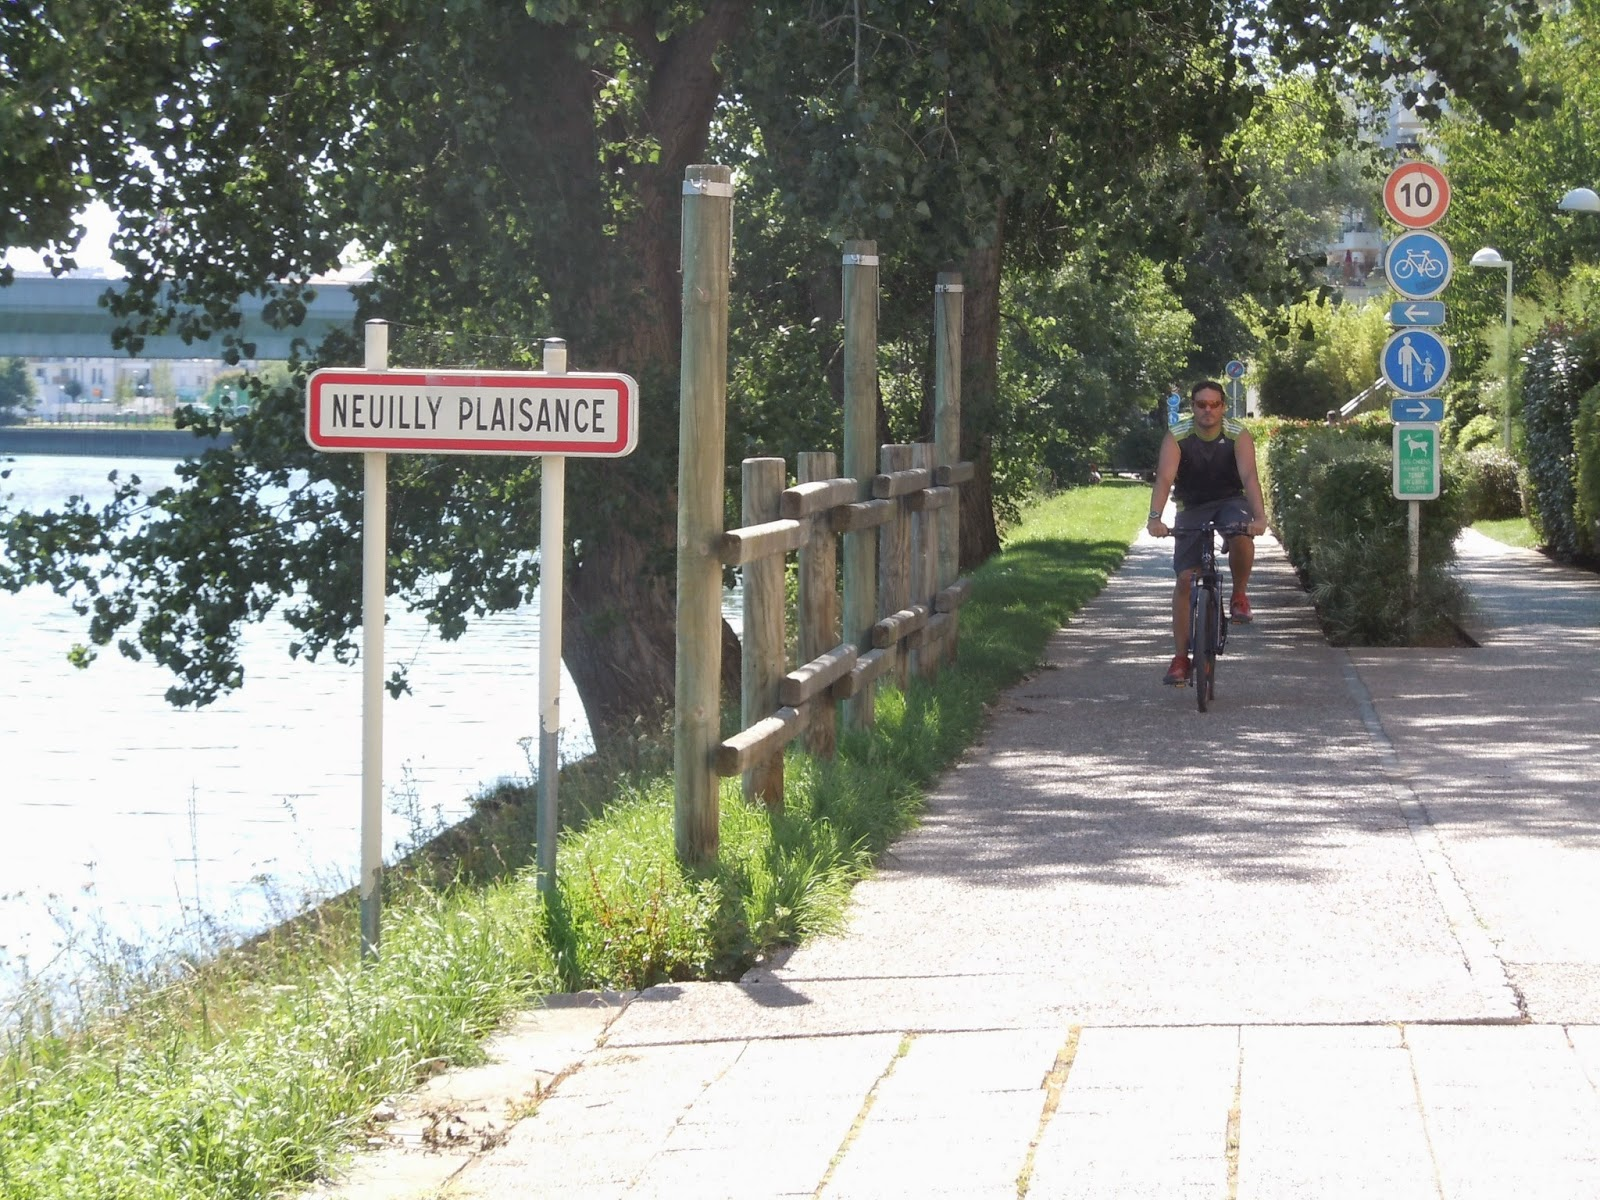 La mare aux canards le blog d 39 une parisienne vivre for Piscine neuilly